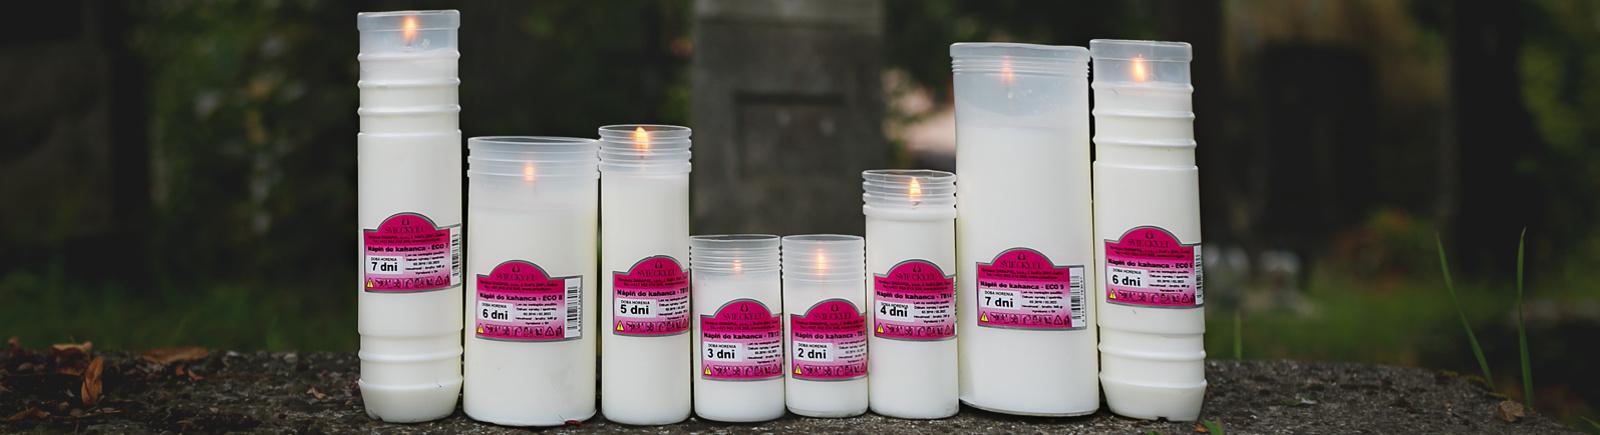 dekoračné sviečky